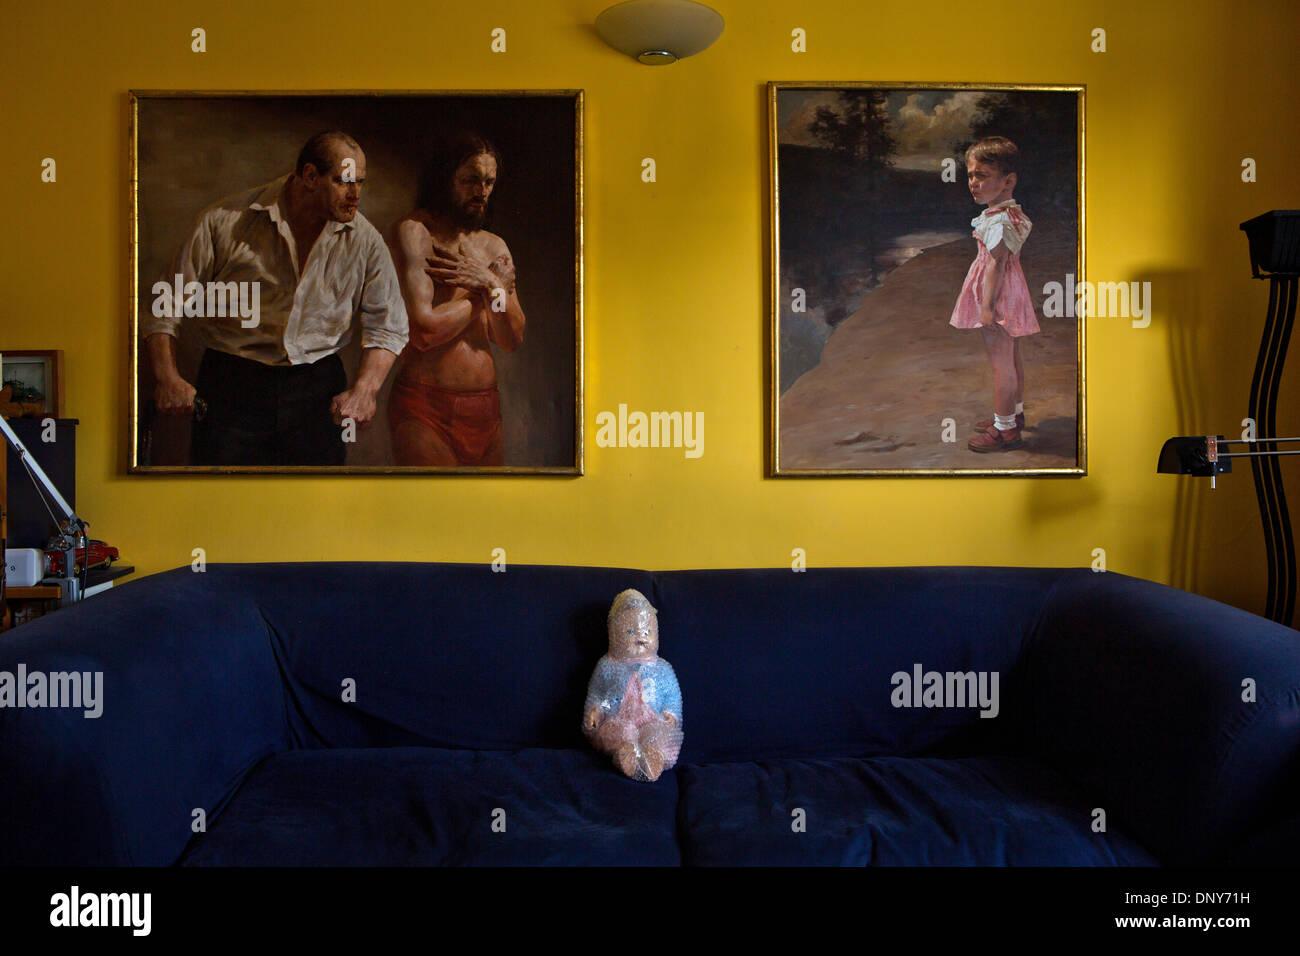 Tableaux de l'artiste Janusz Szpyt sur le mur d'une salle de séjour à Londres. Enveloppé d'une poupée est assise sur le canapé. Photo Stock